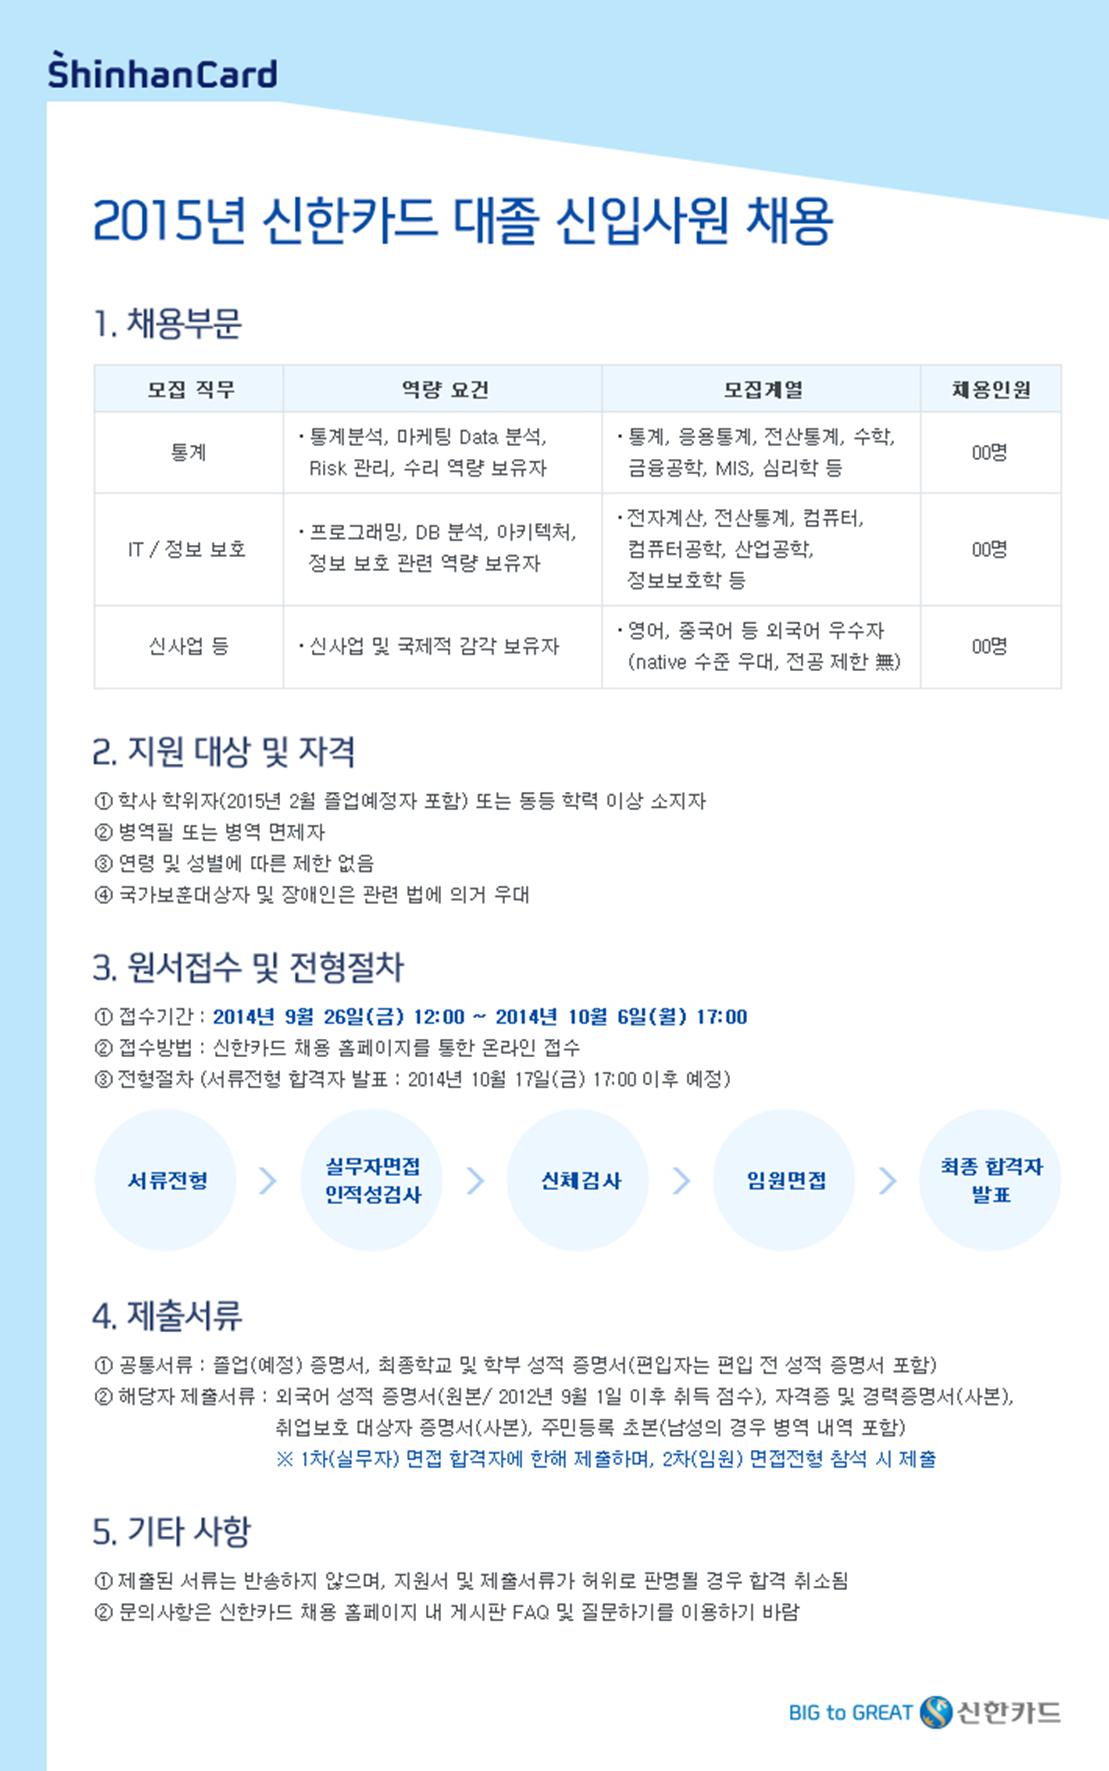 2015년 신한카드 대졸 신입사원 모집